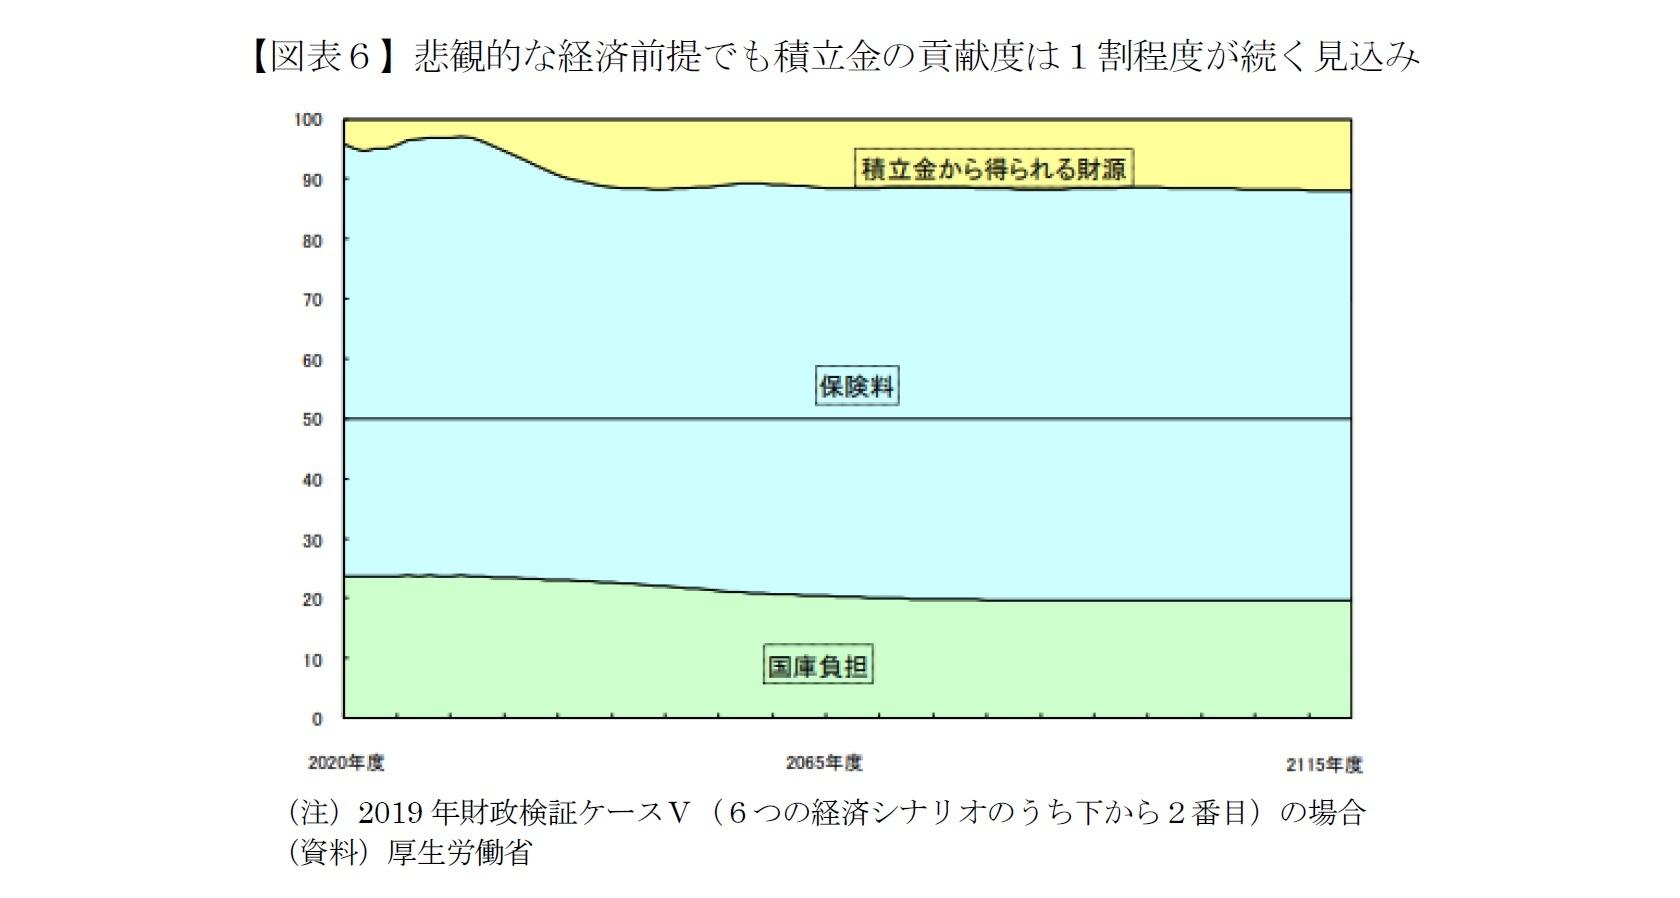 【図表6】悲観的な経済前提でも積立金の貢献度は1割程度が続く見込み